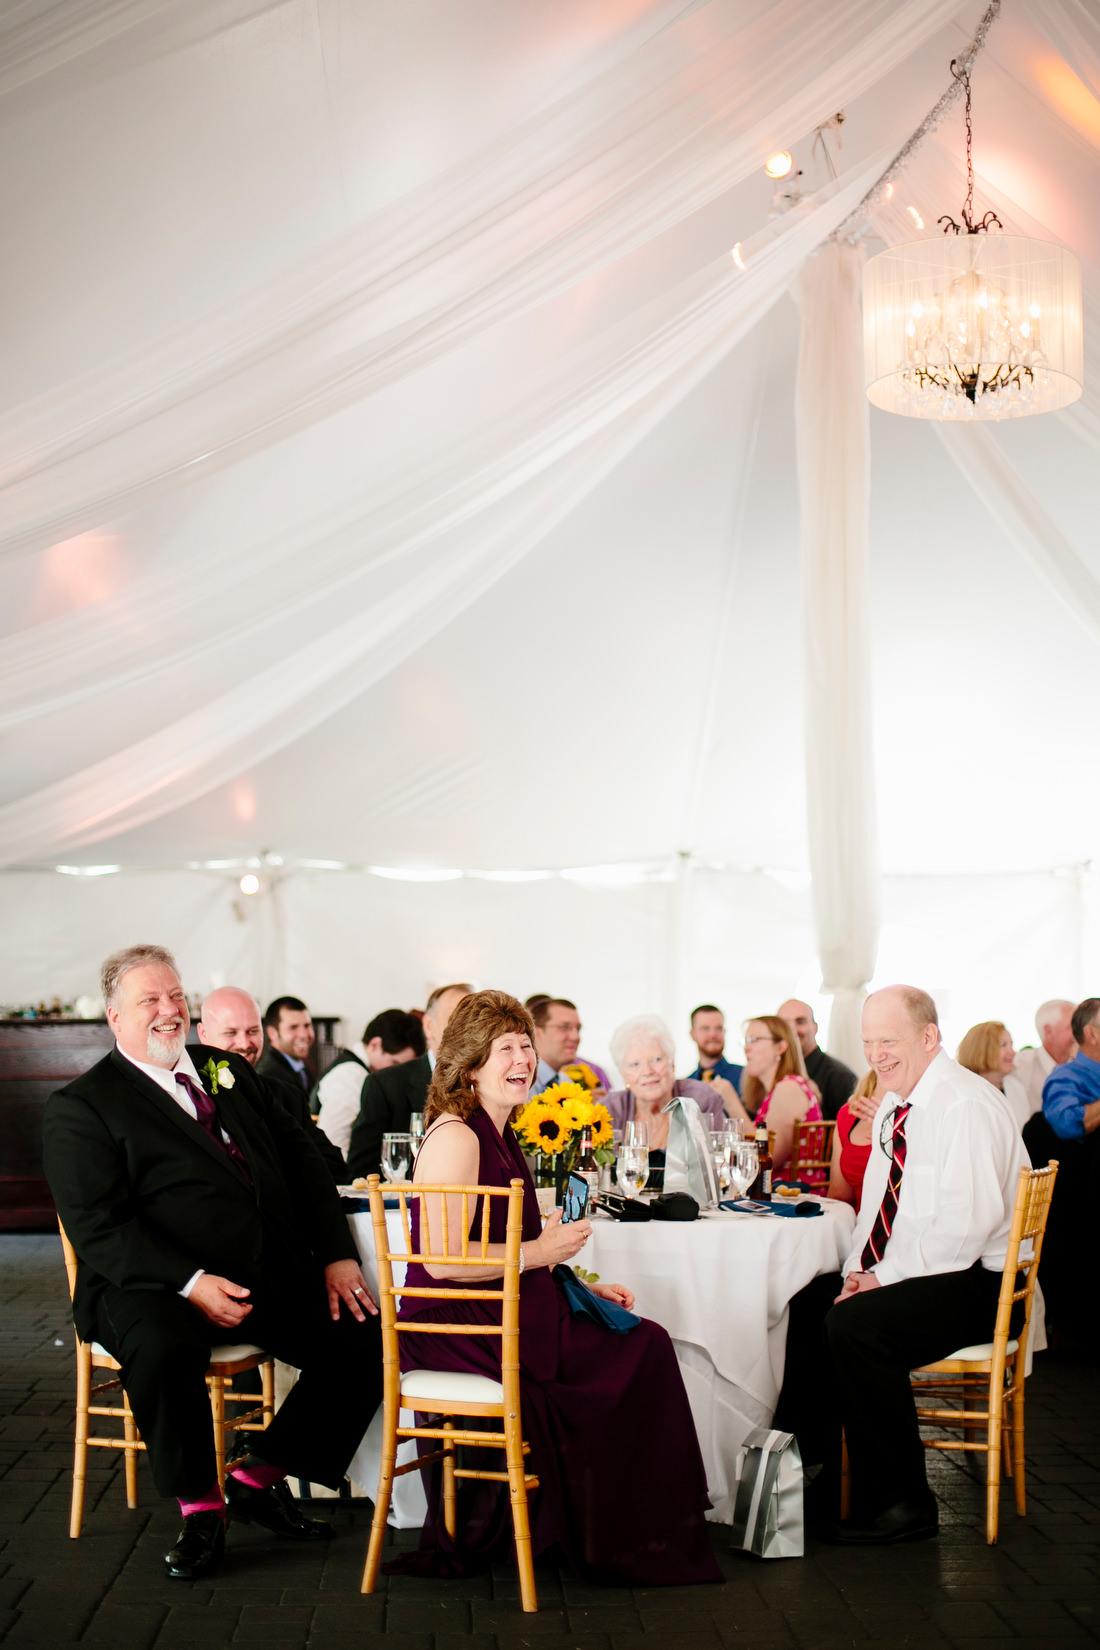 searles_castle_wedding_227.JPG